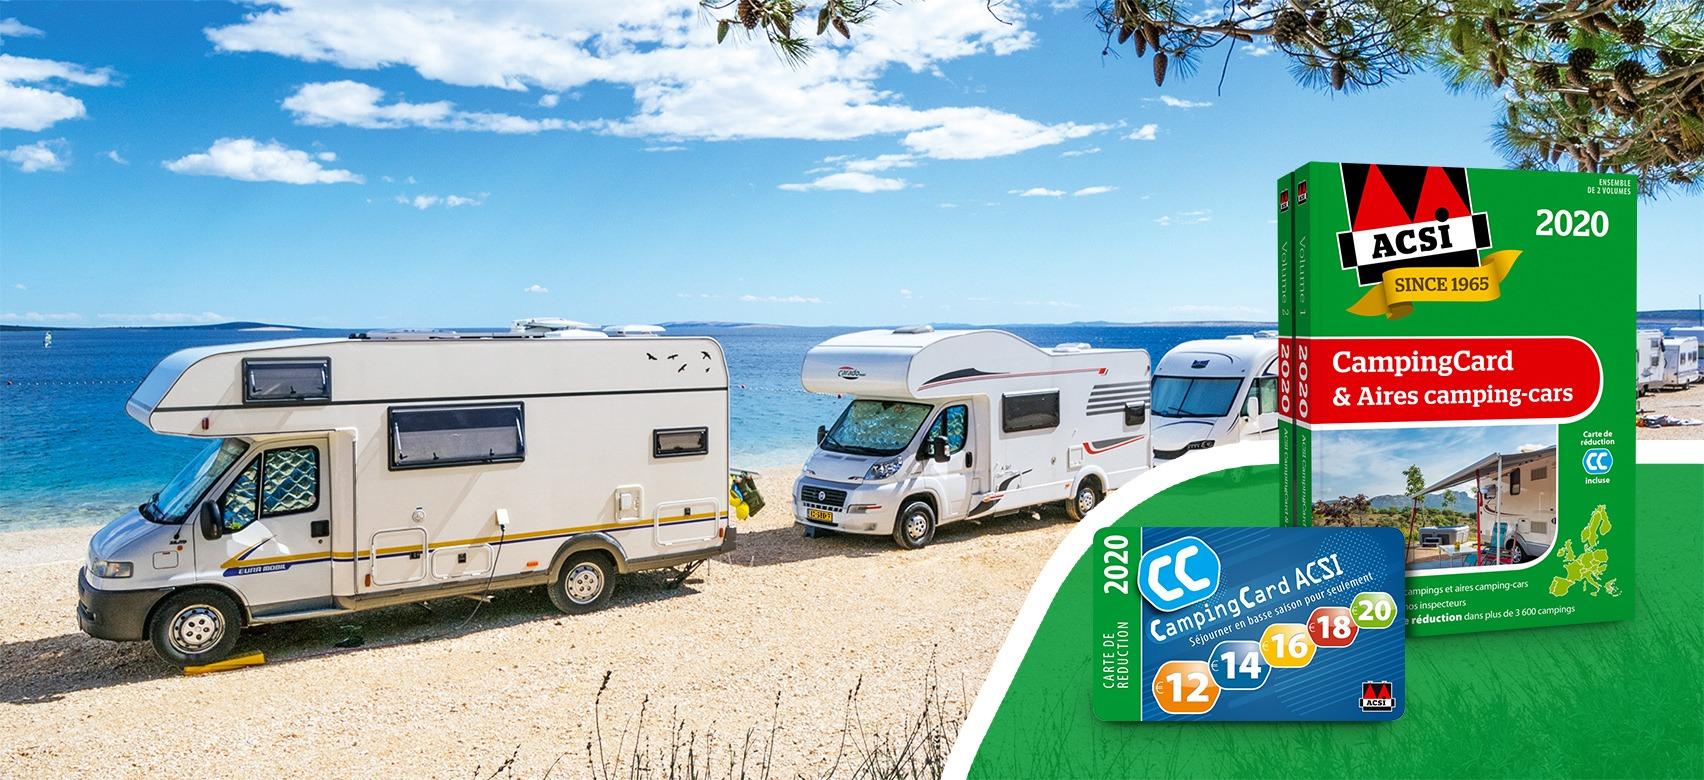 ACSI CampingCard & Aires camping-cars